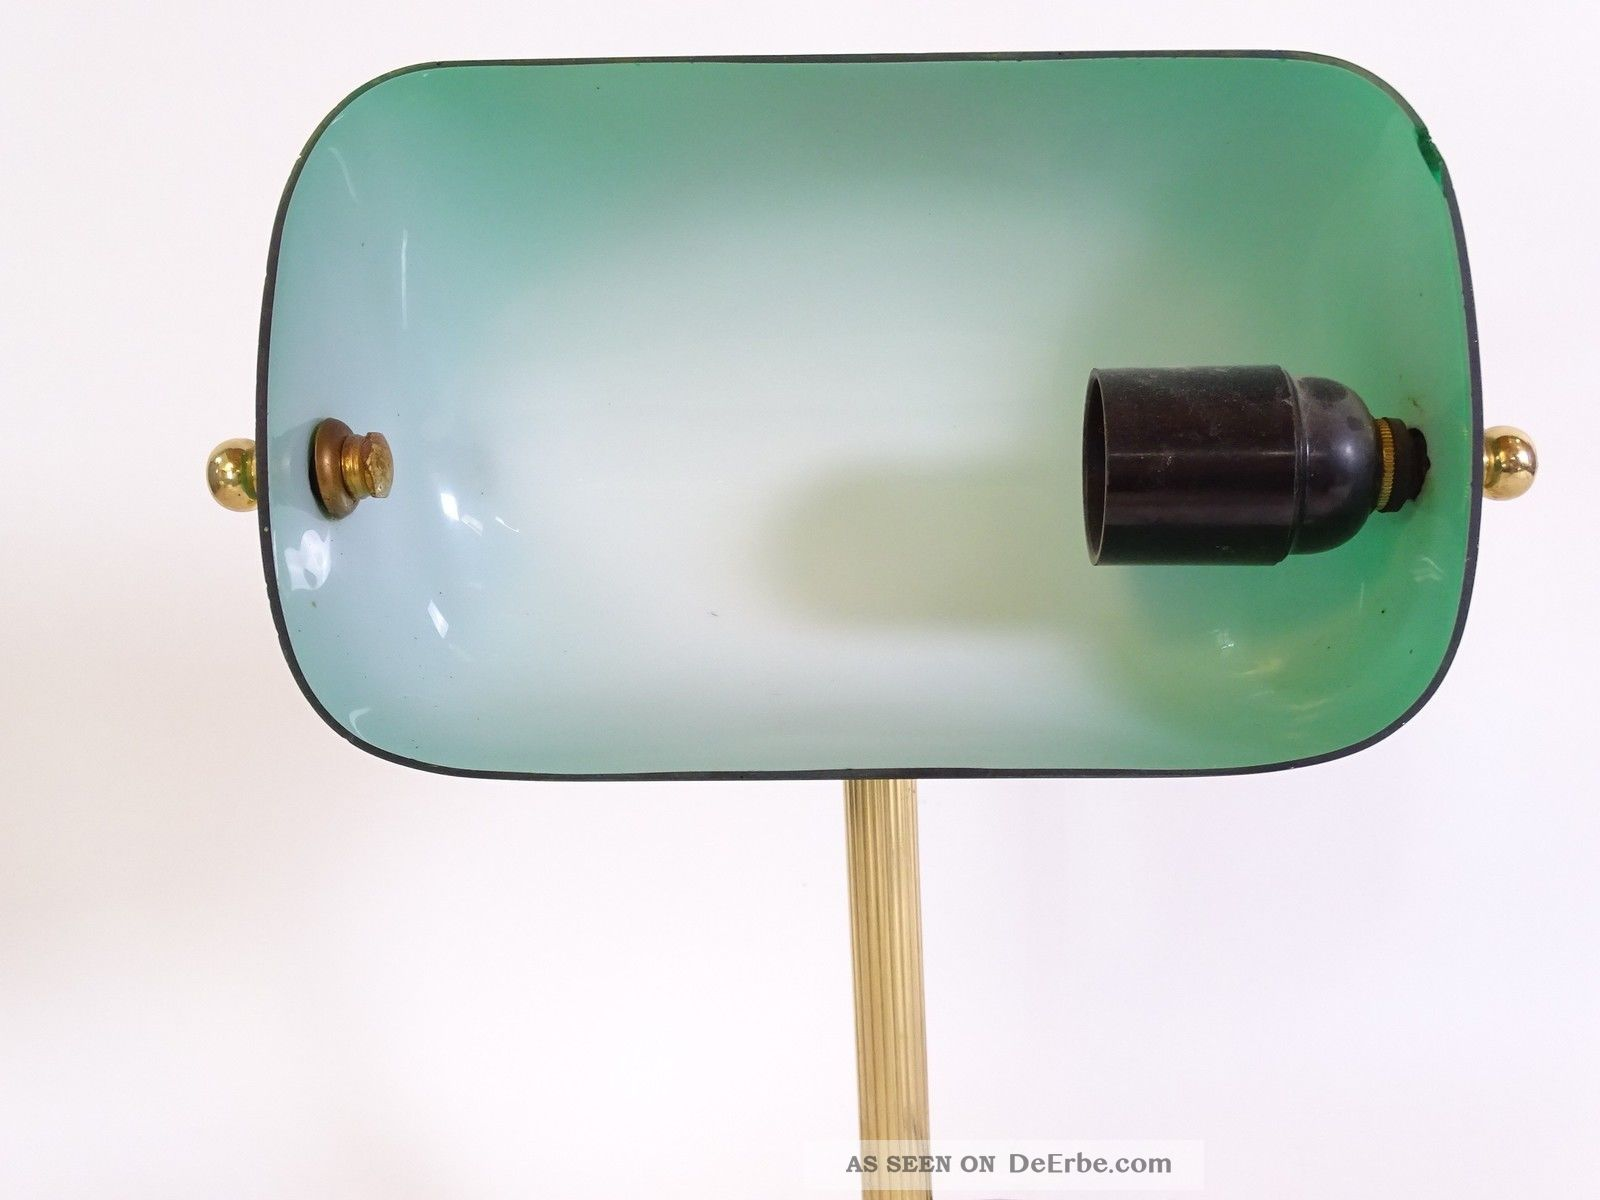 herrliche bankers lamp tischlampe mit gr nem glasschirm art deco stil. Black Bedroom Furniture Sets. Home Design Ideas